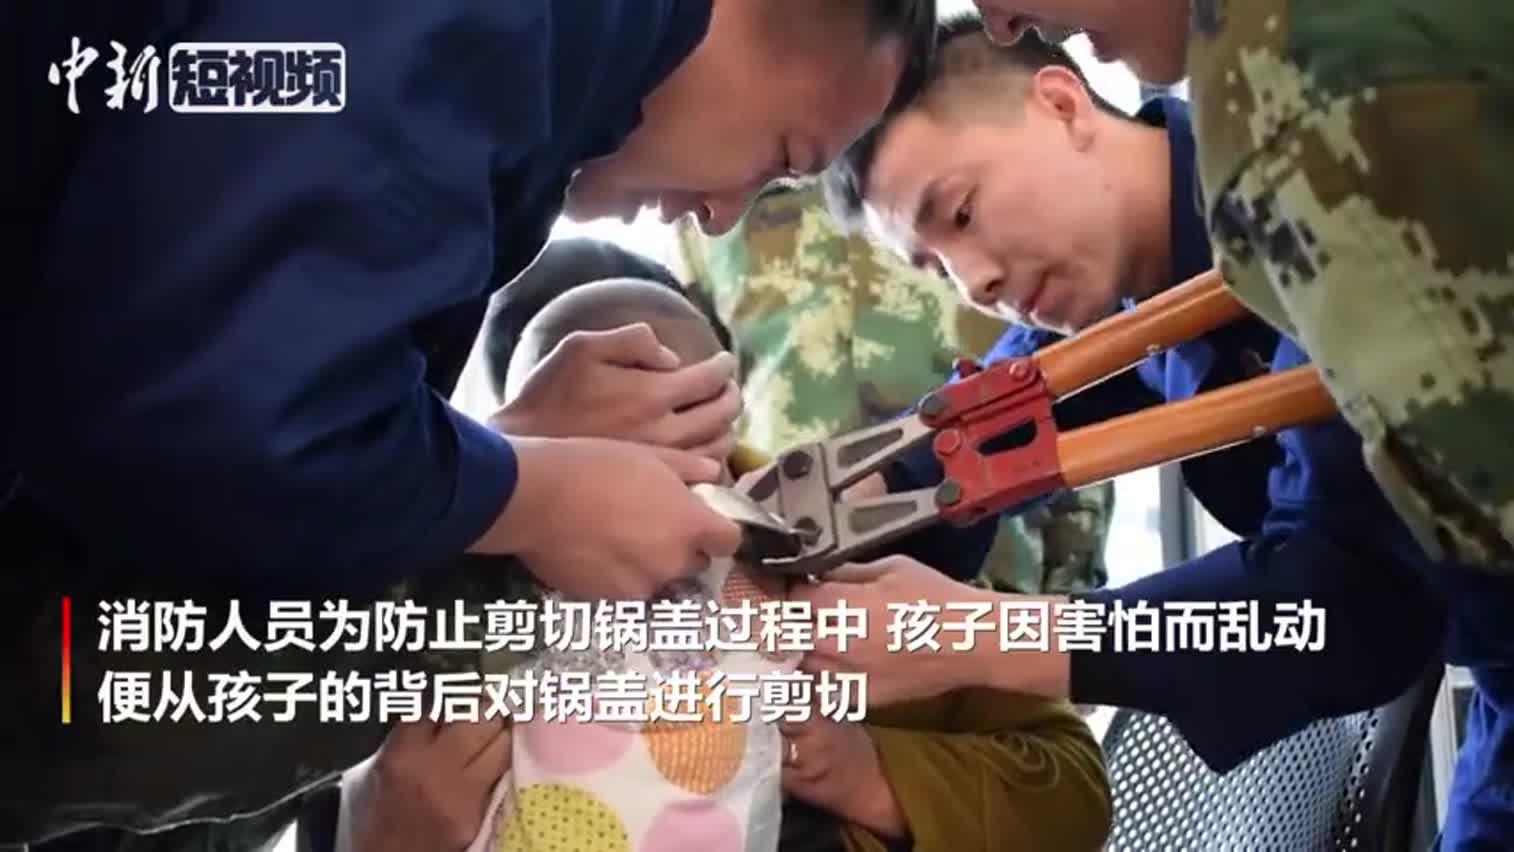 视频-河南一男孩被锅盖卡住脖子 消防员紧急救助